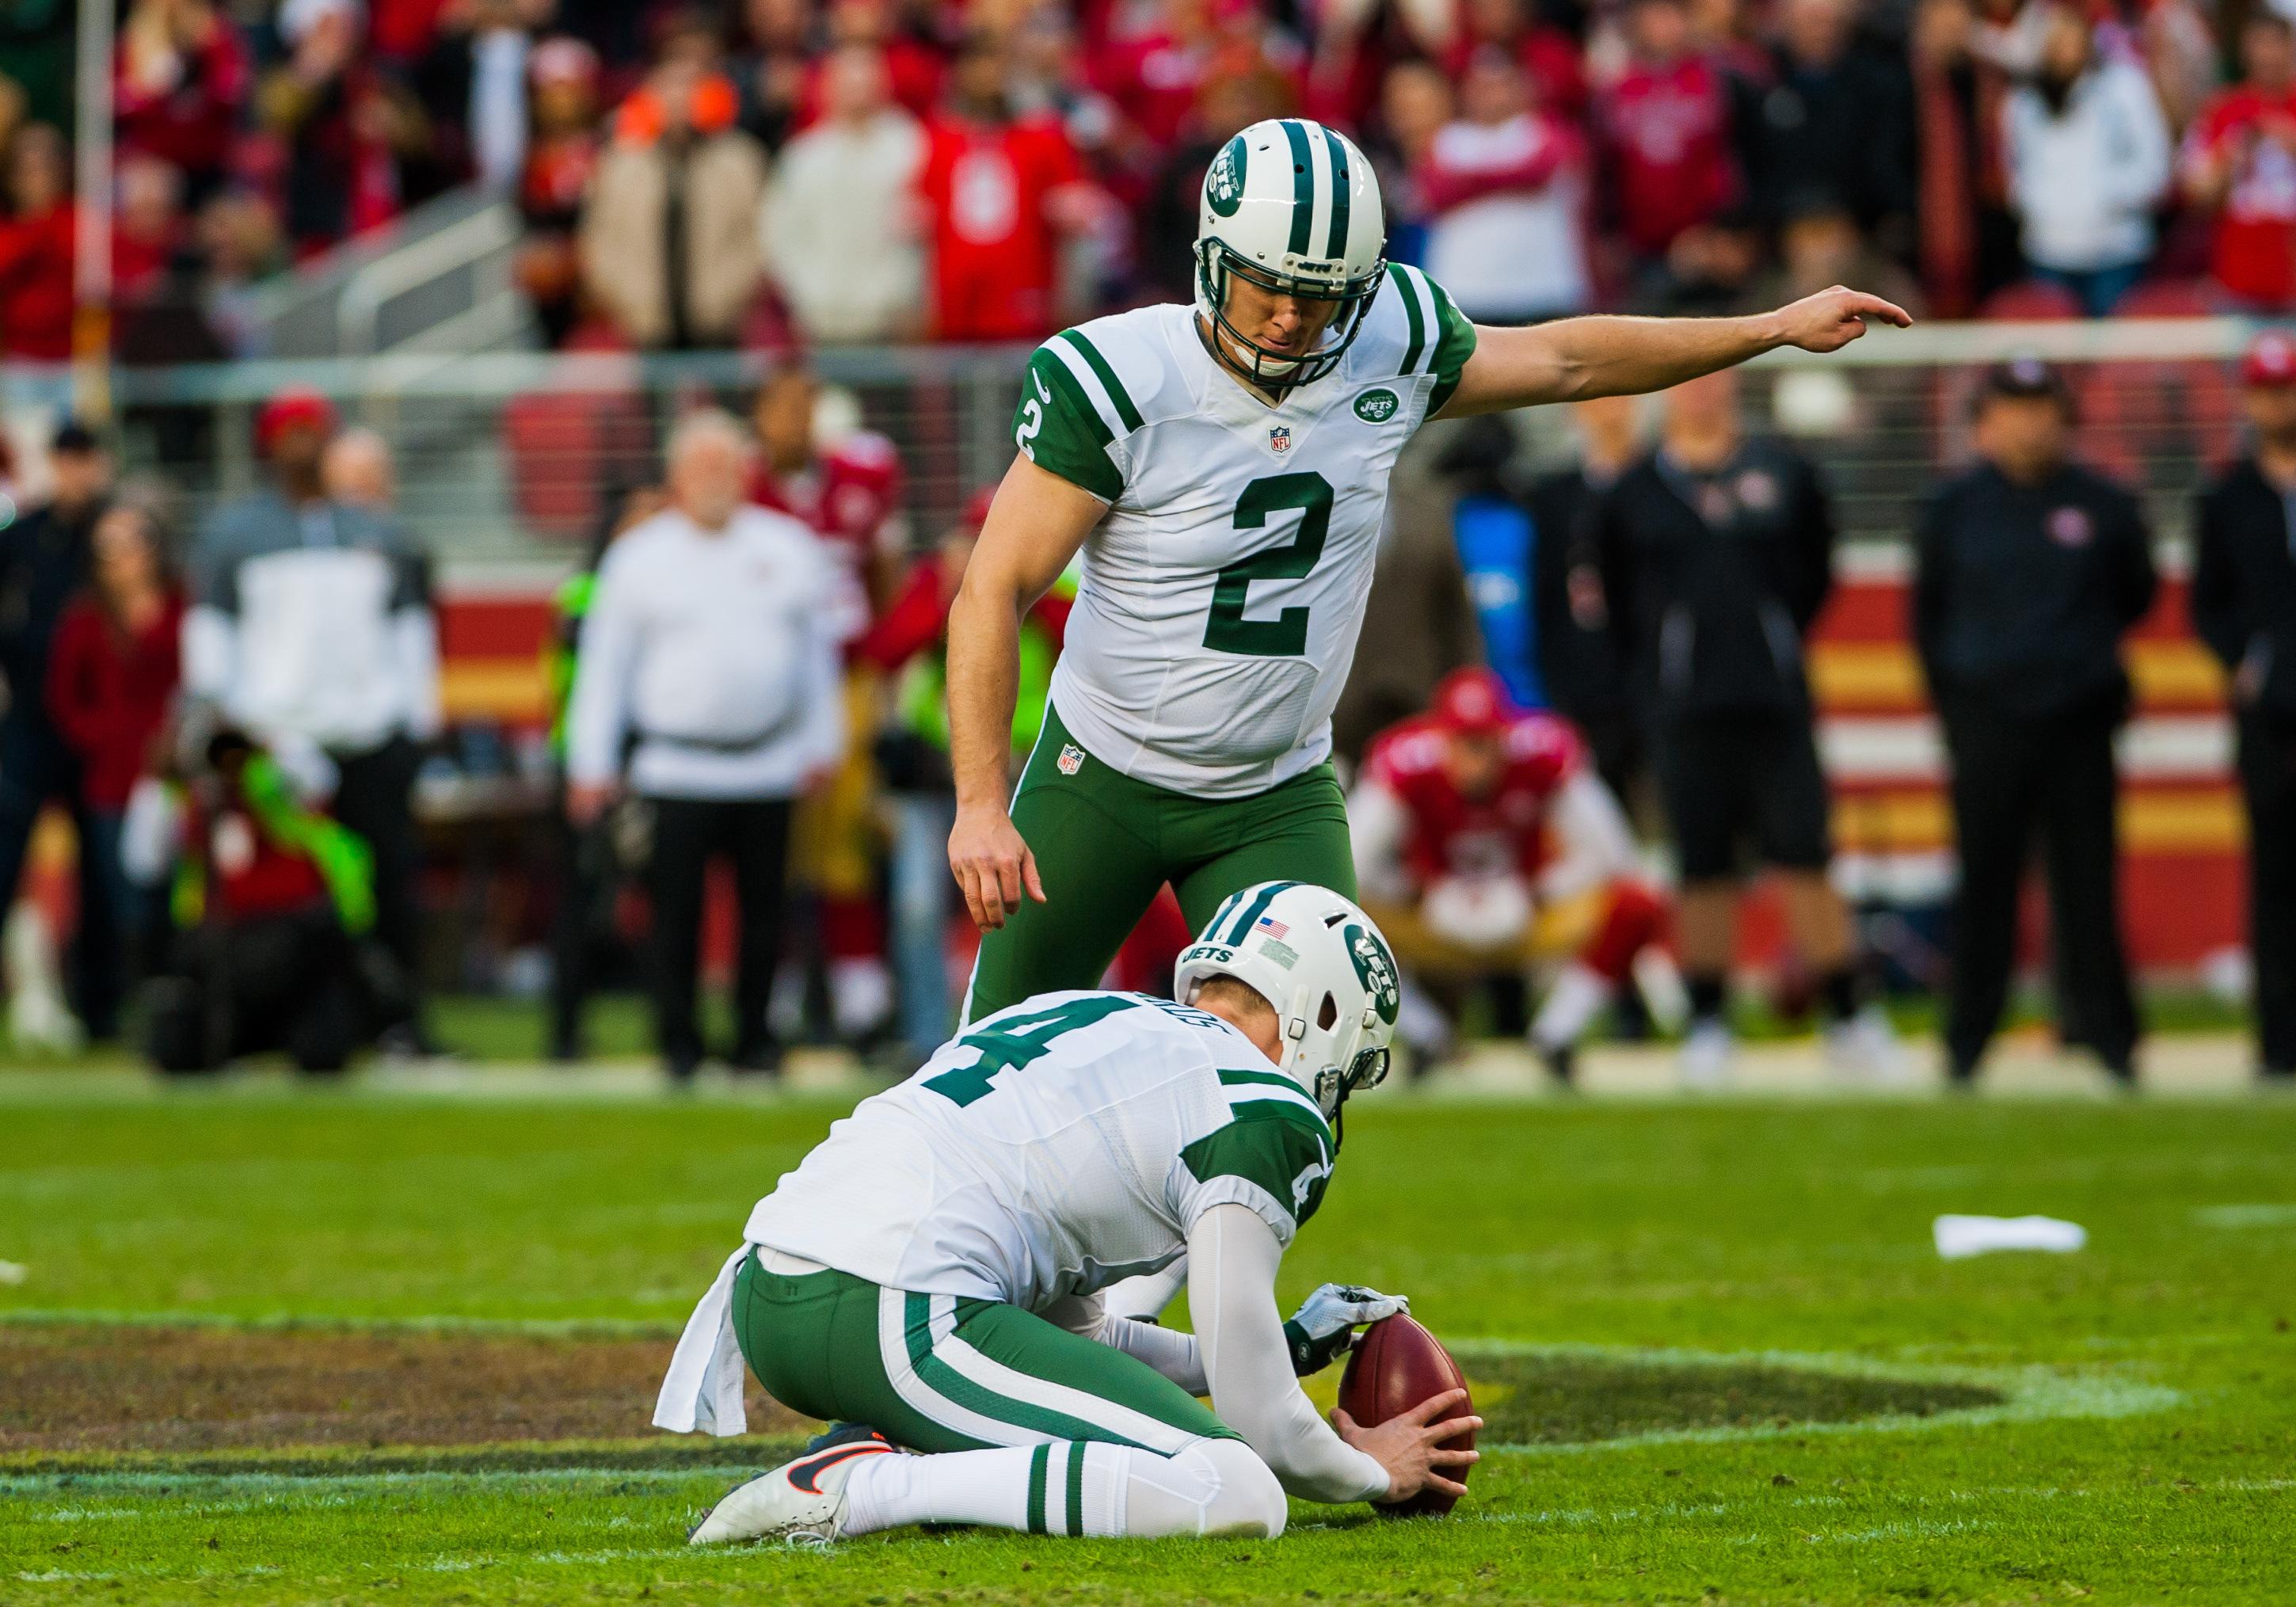 NFL: DEC 11 Jets at 49ers